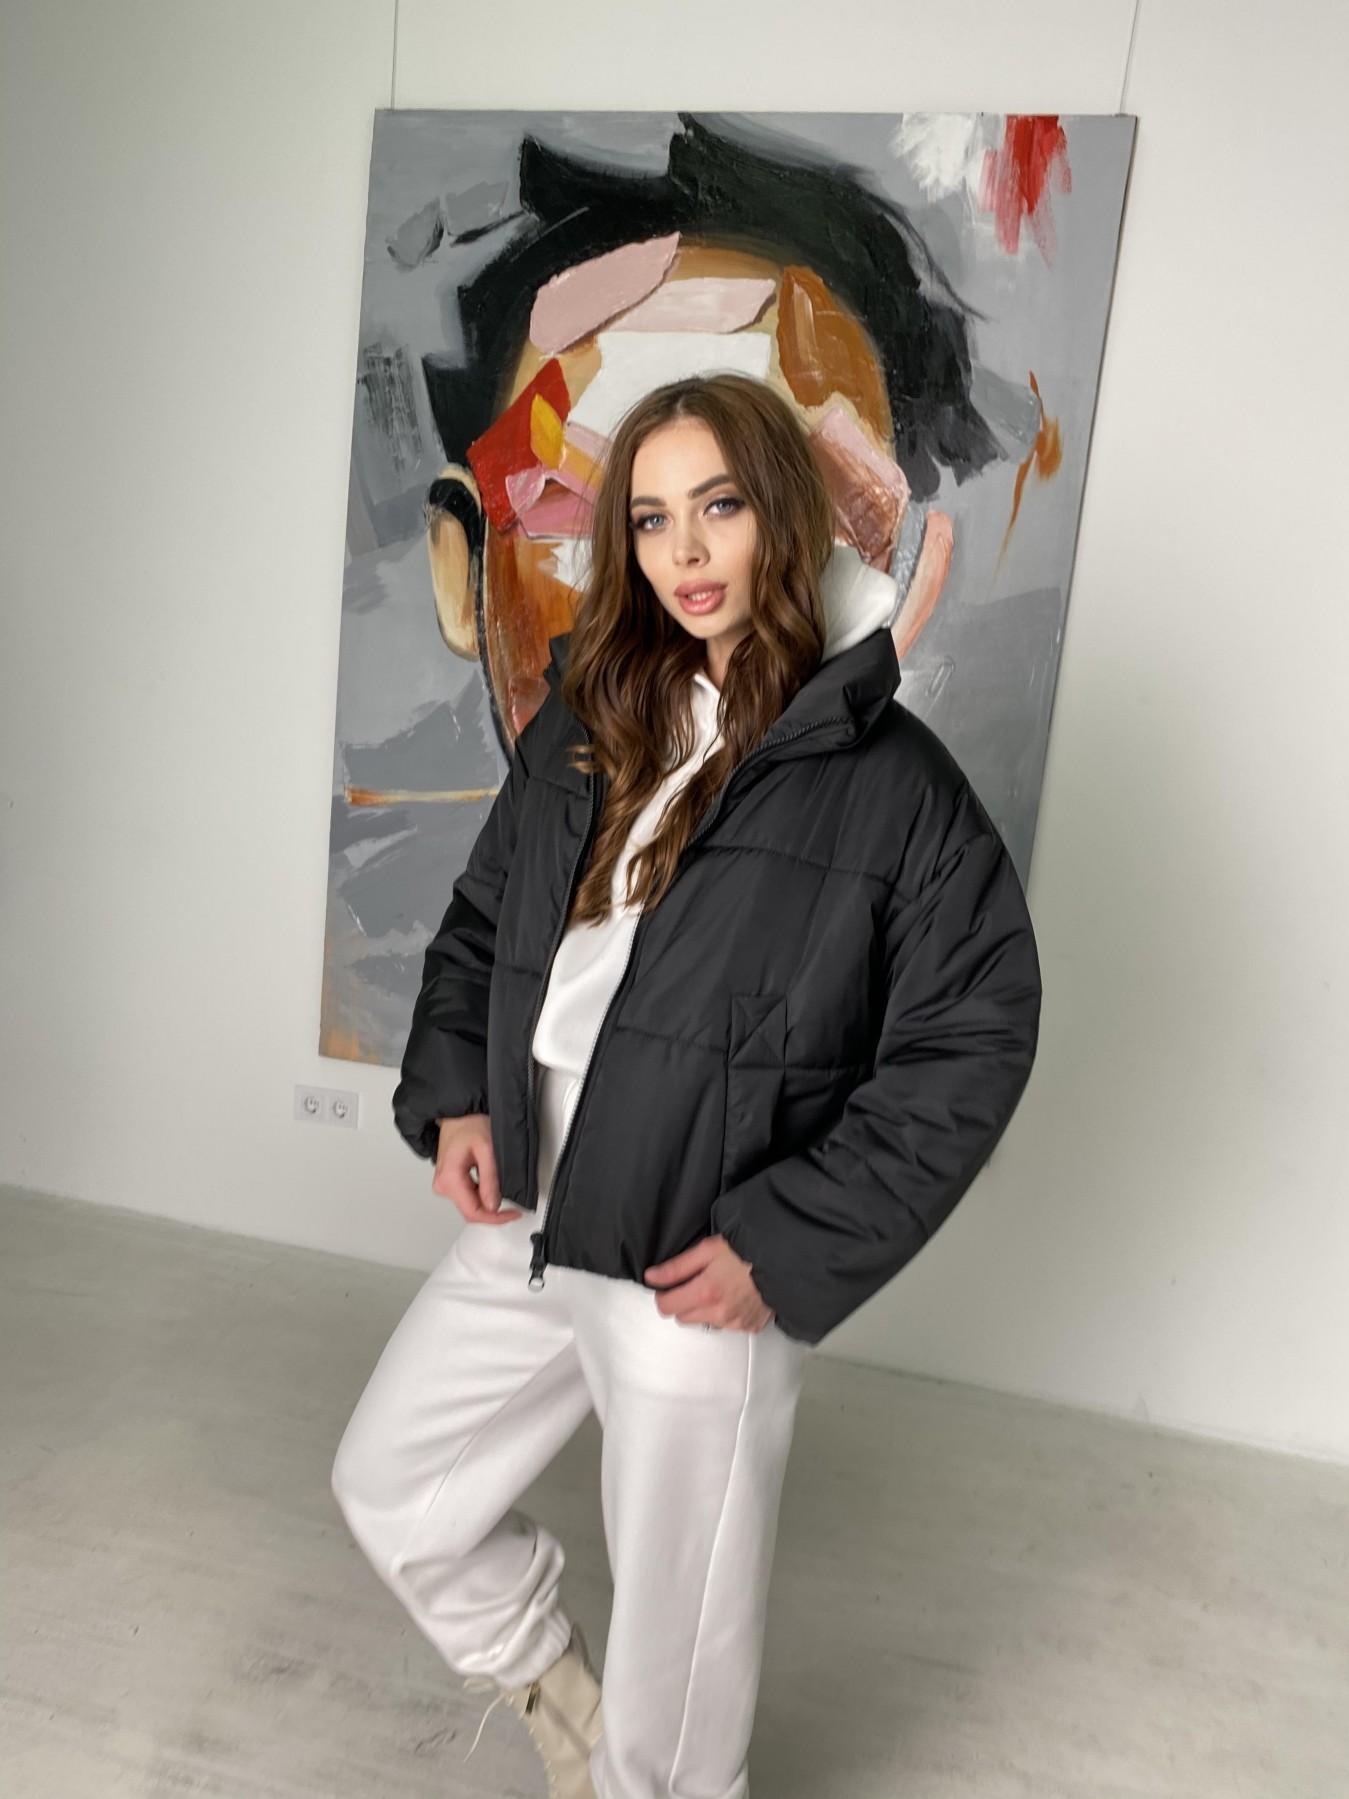 Драйв куртка из плащевой ткани 10448 АРТ. 46842 Цвет: Черный - фото 7, интернет магазин tm-modus.ru